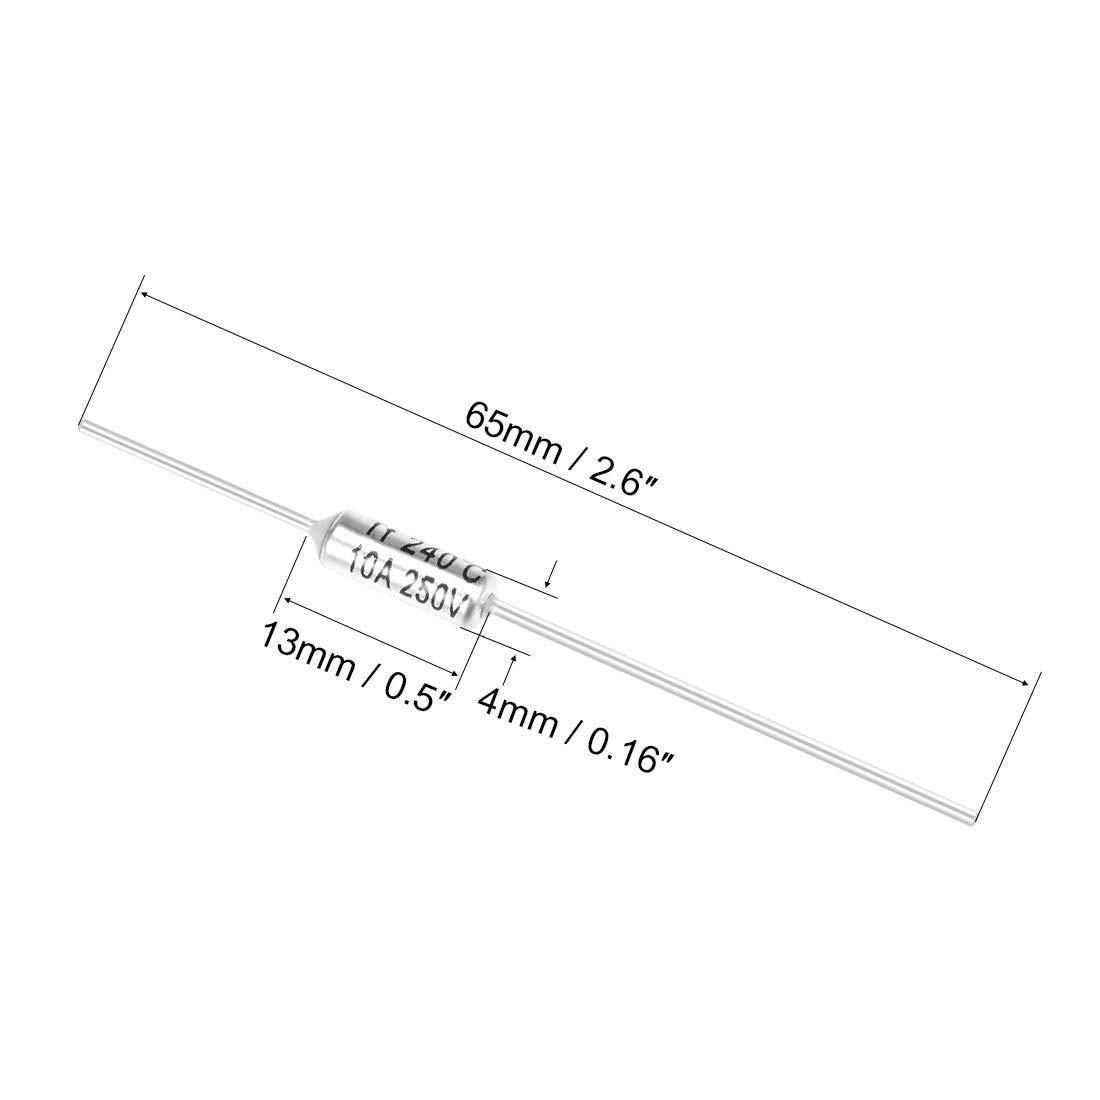 10A 216C 5pcs 250 V, TF, temperatura de grados Celsius, corte de circuito el/éctrico Sourcingmap Fusible t/érmico